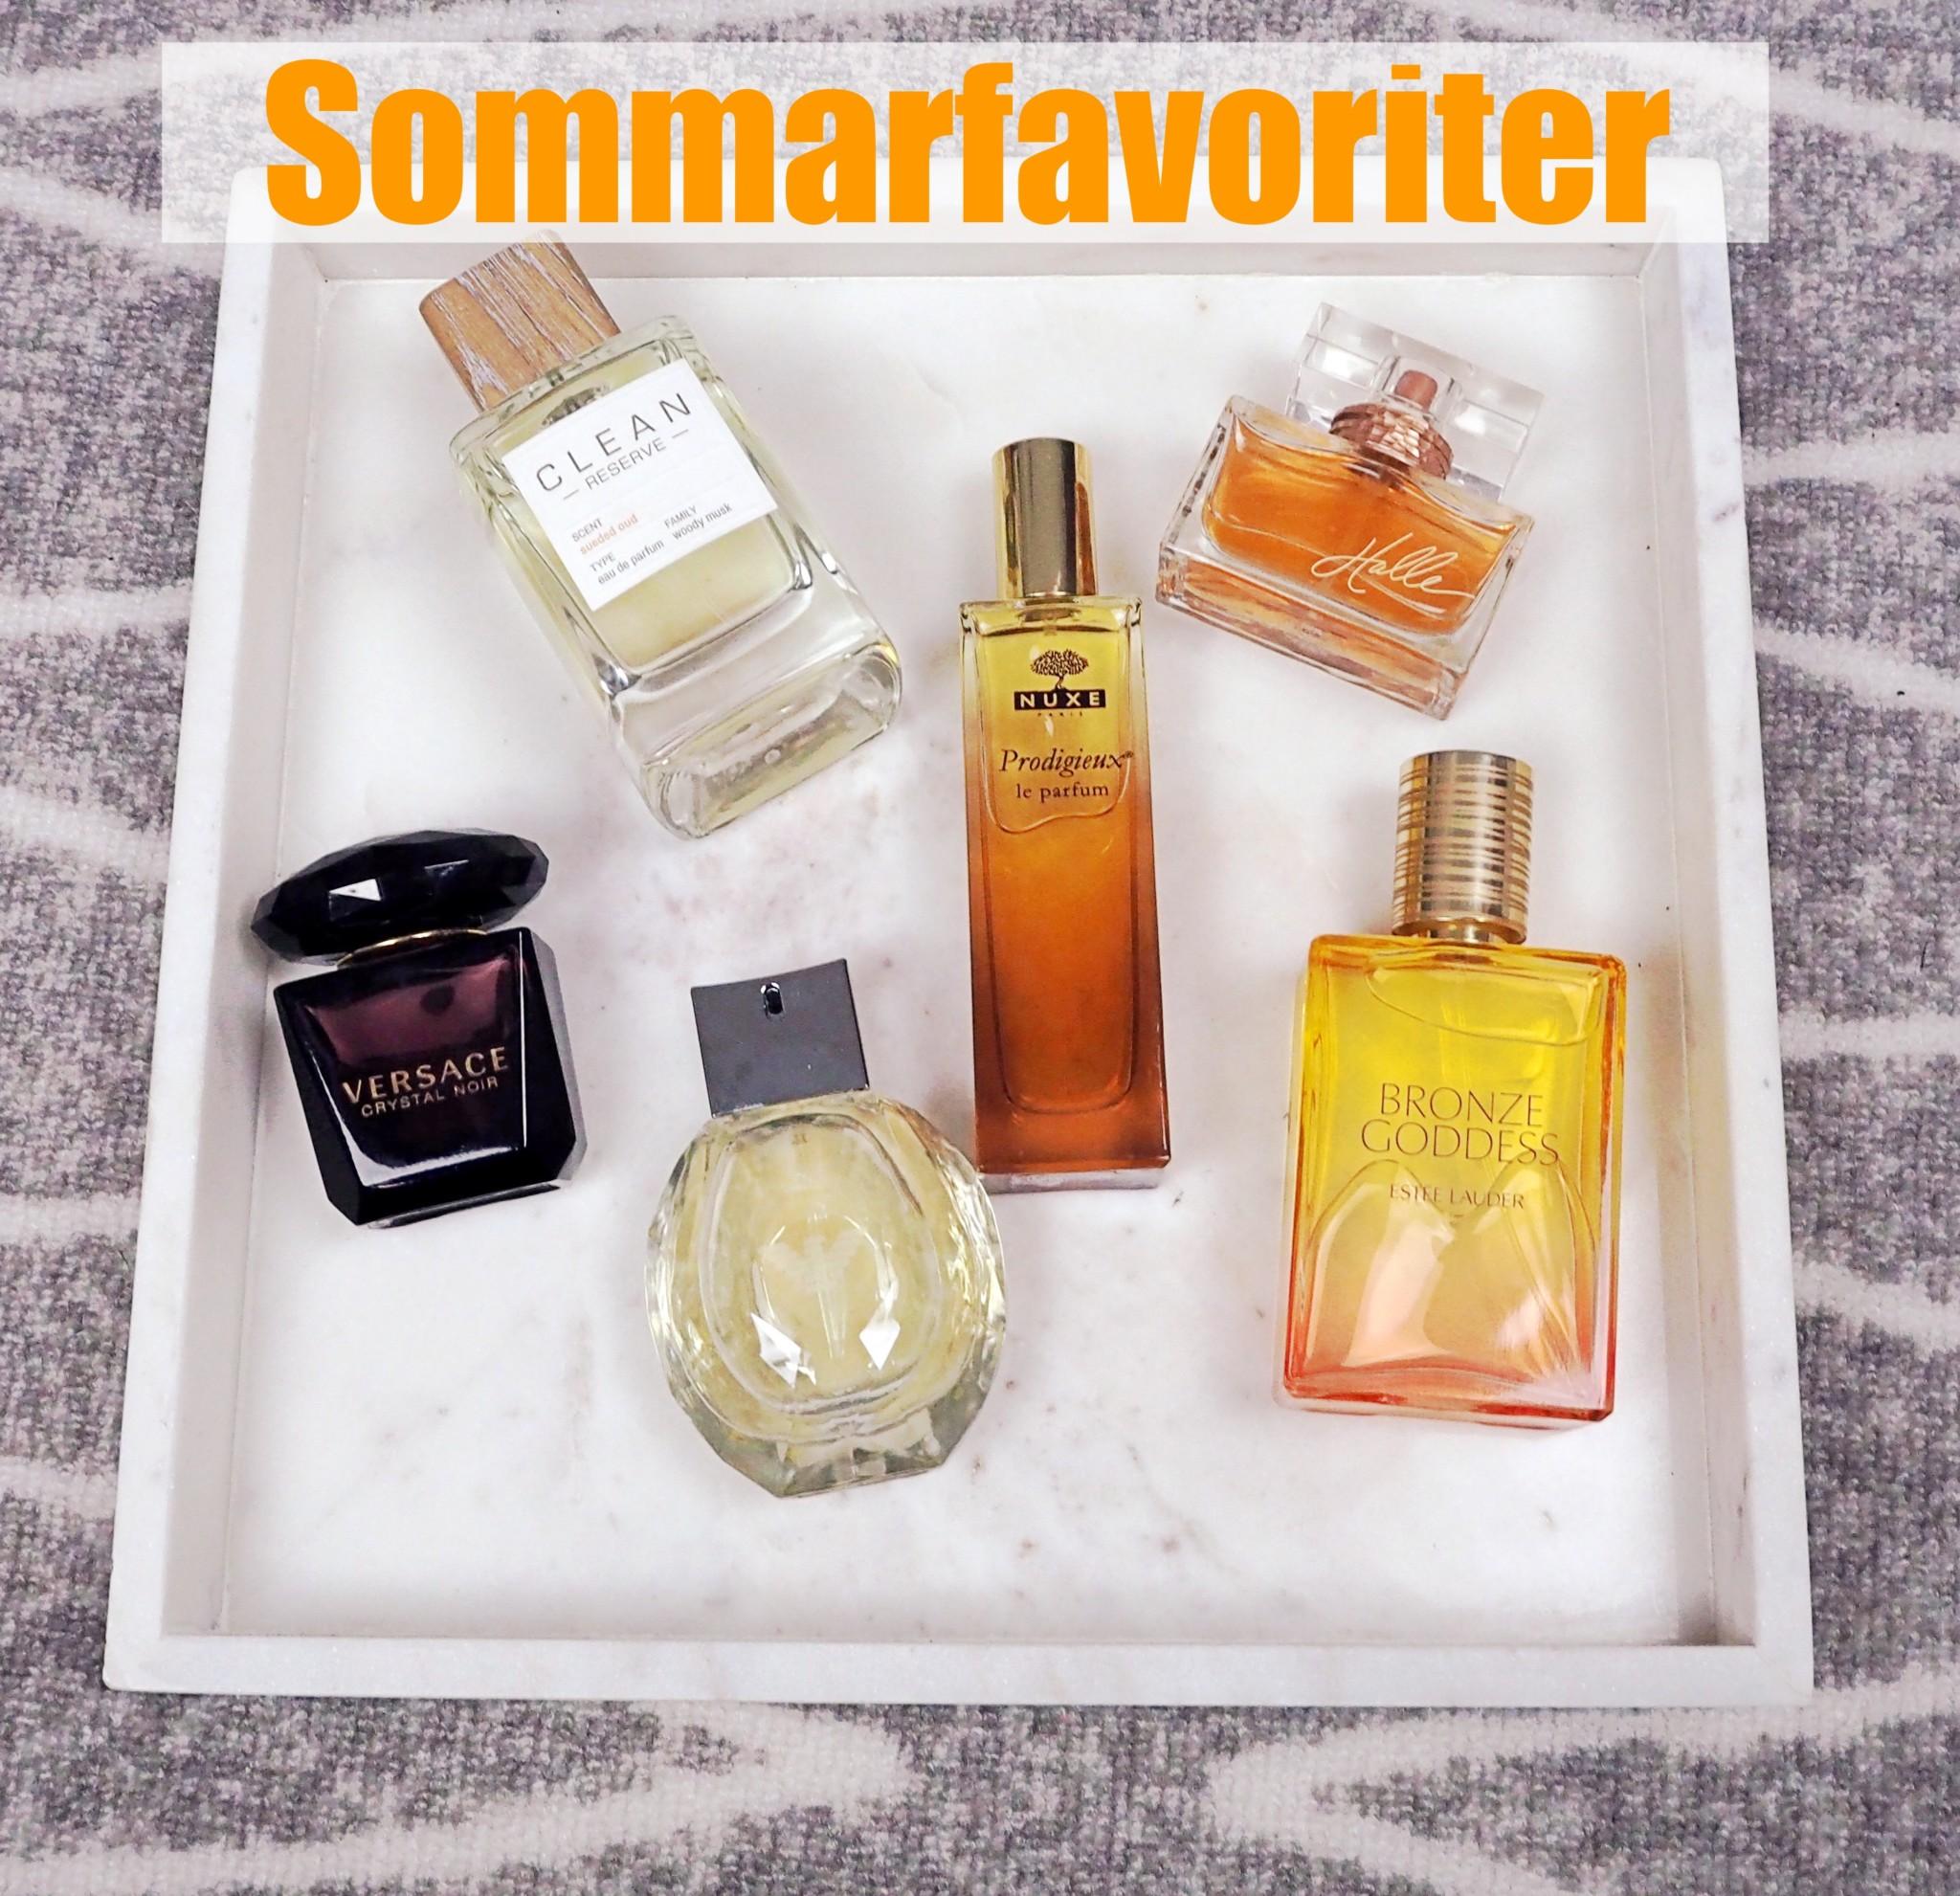 Nyheter! Ny generation orientalisk parfym från Maison